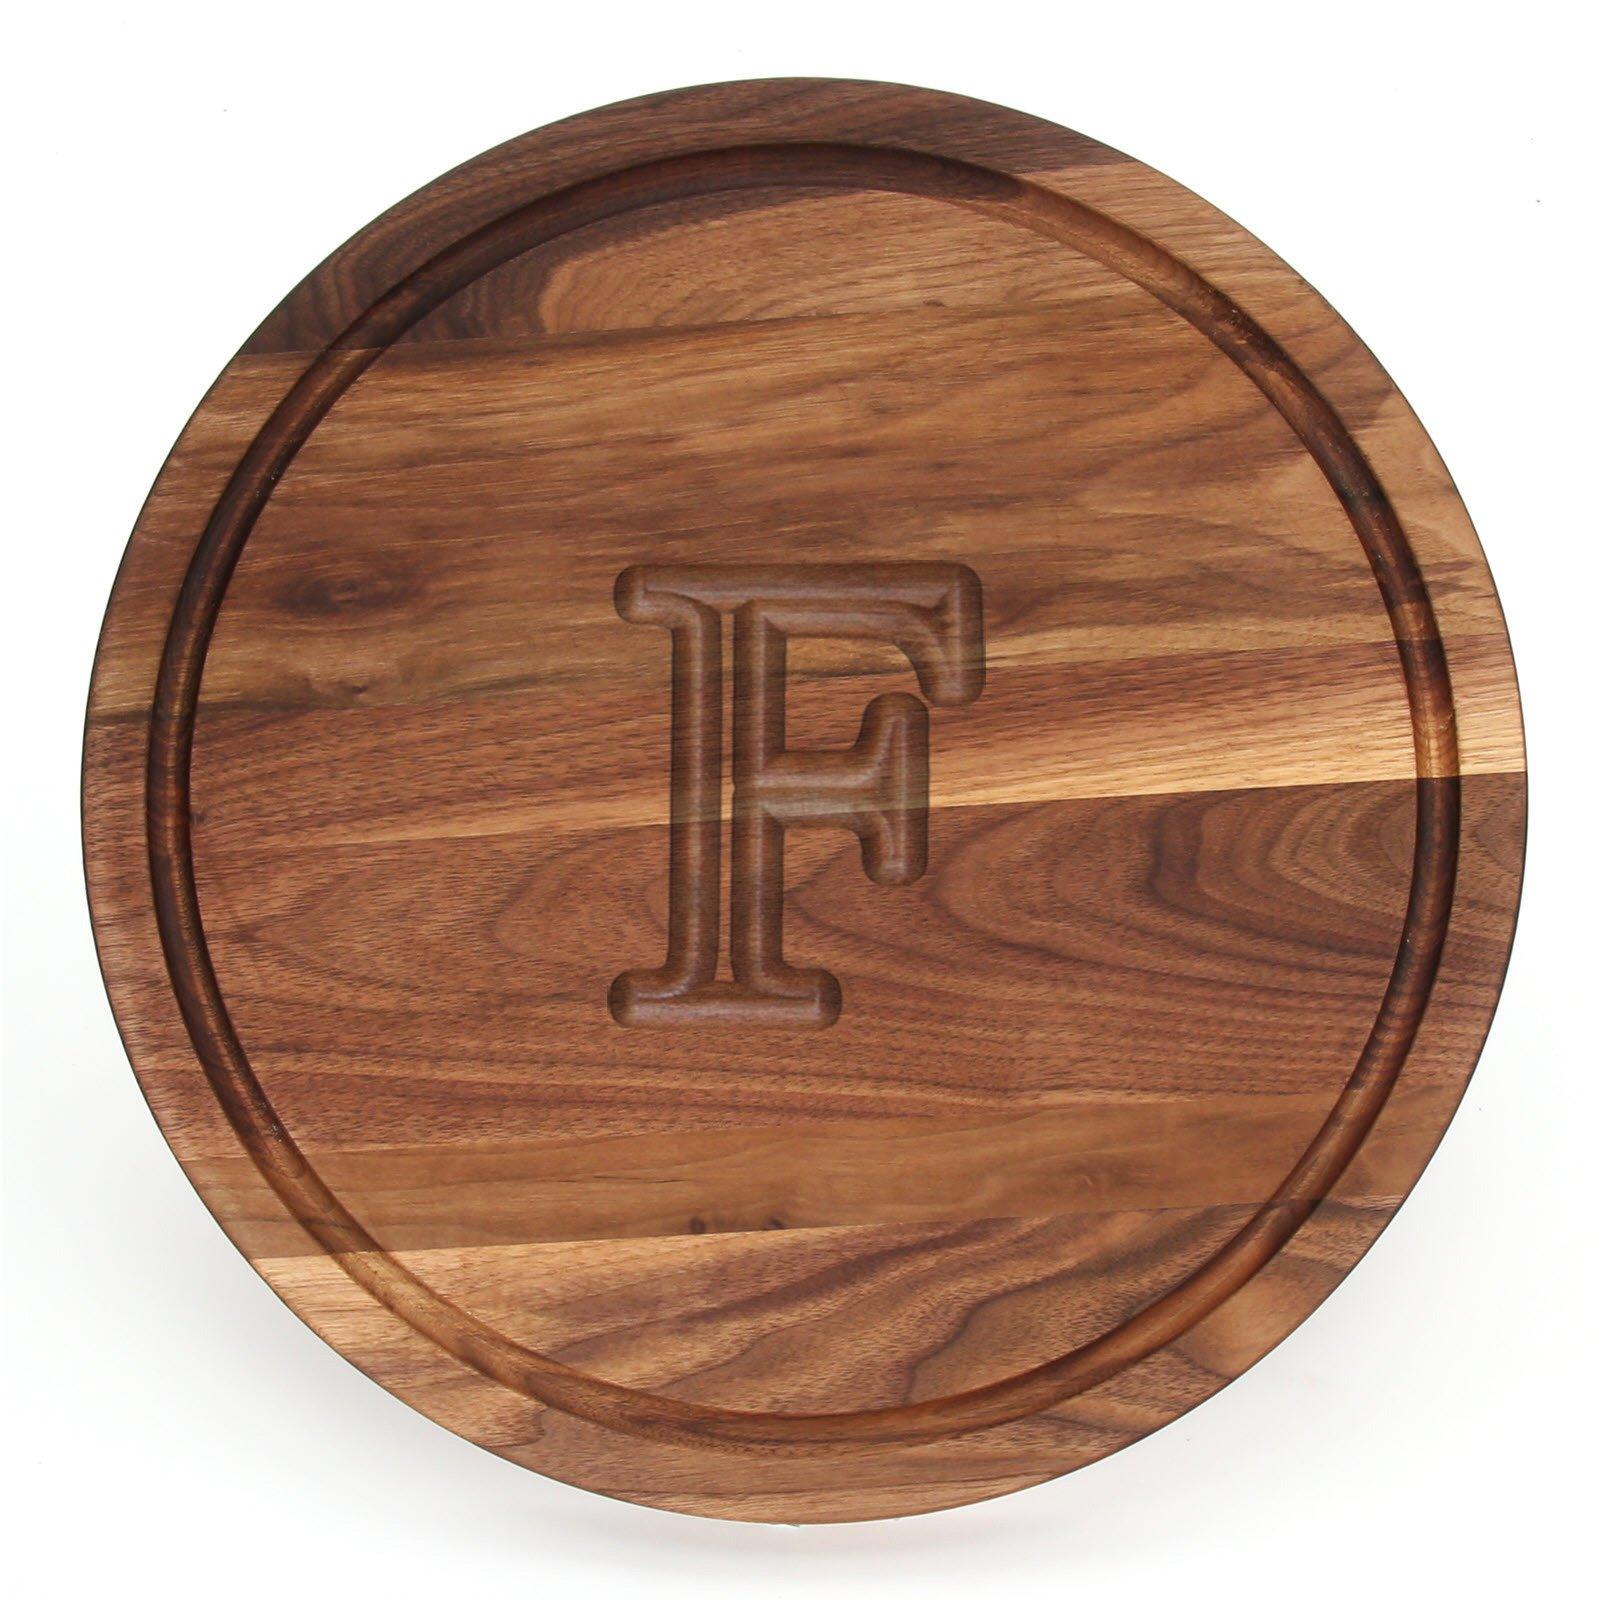 BigWood Boards W110-F Cutting Board, Monogrammed Cutting Board, Medium Round Cheese Board, Thick Walnut Wood Serving Tray, ''F''